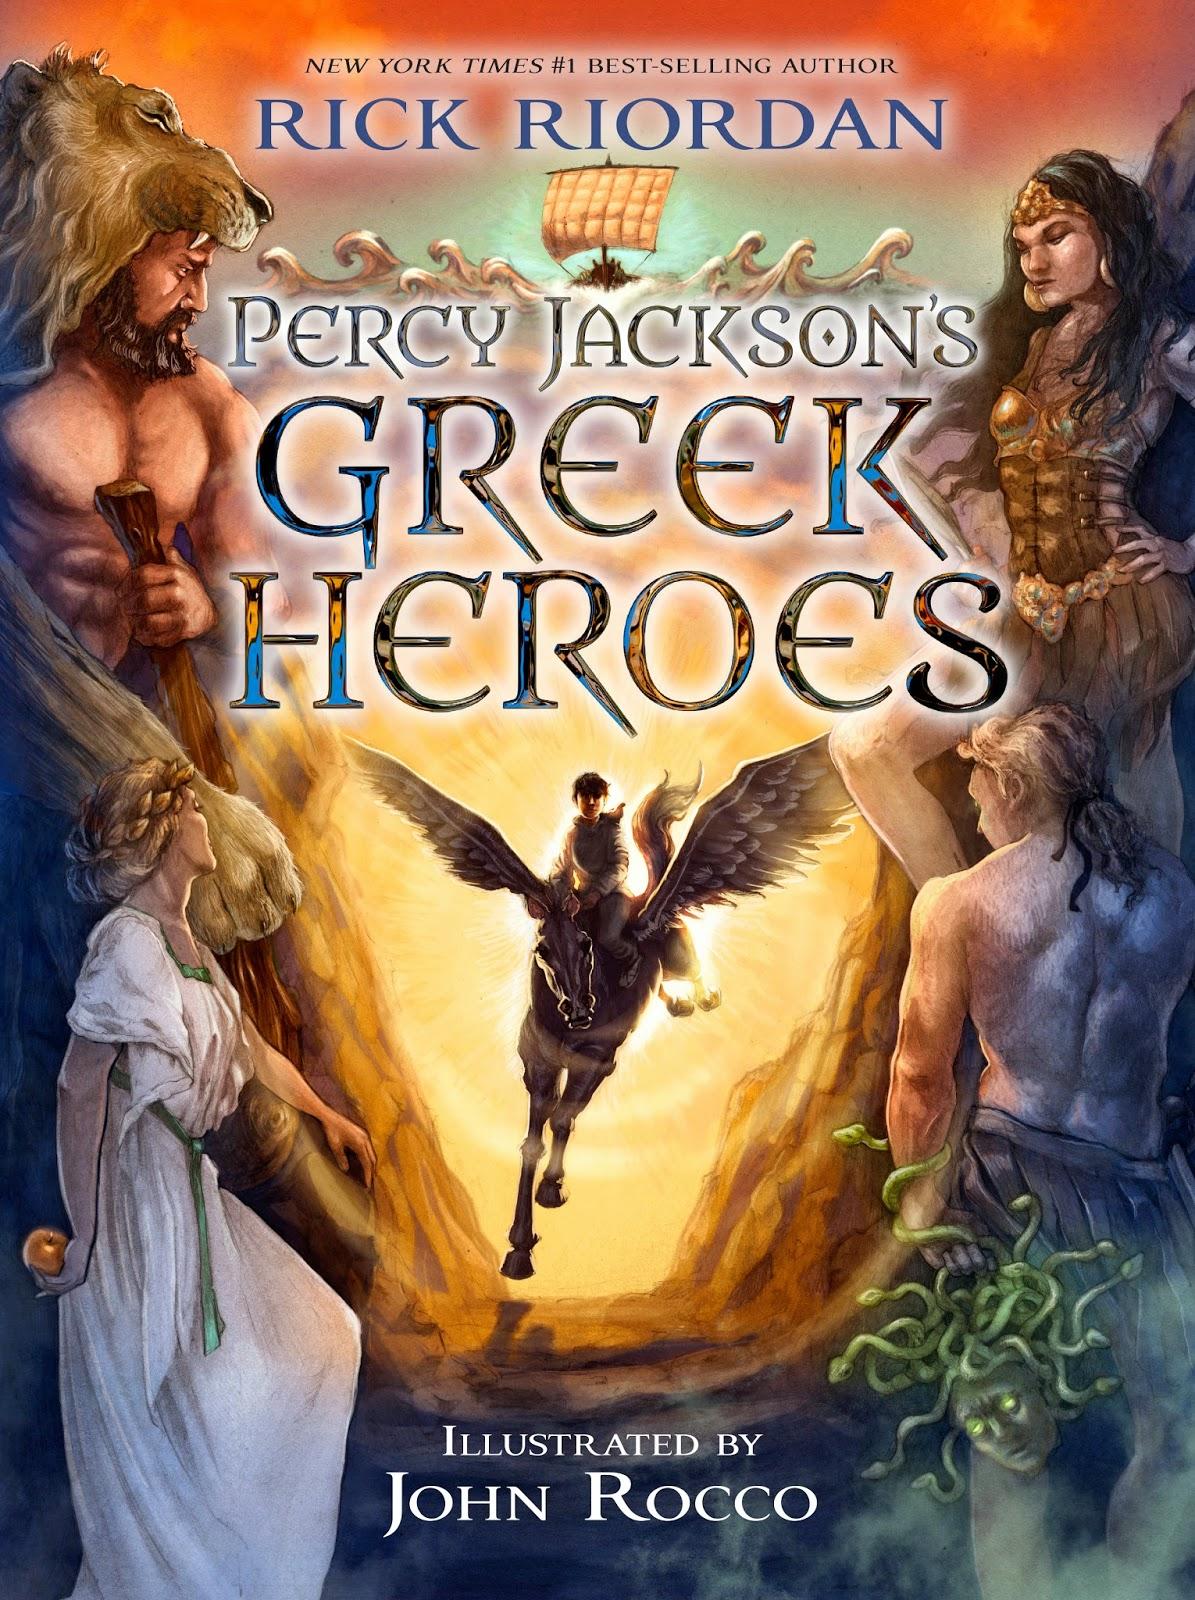 Olympus epub of series heroes full